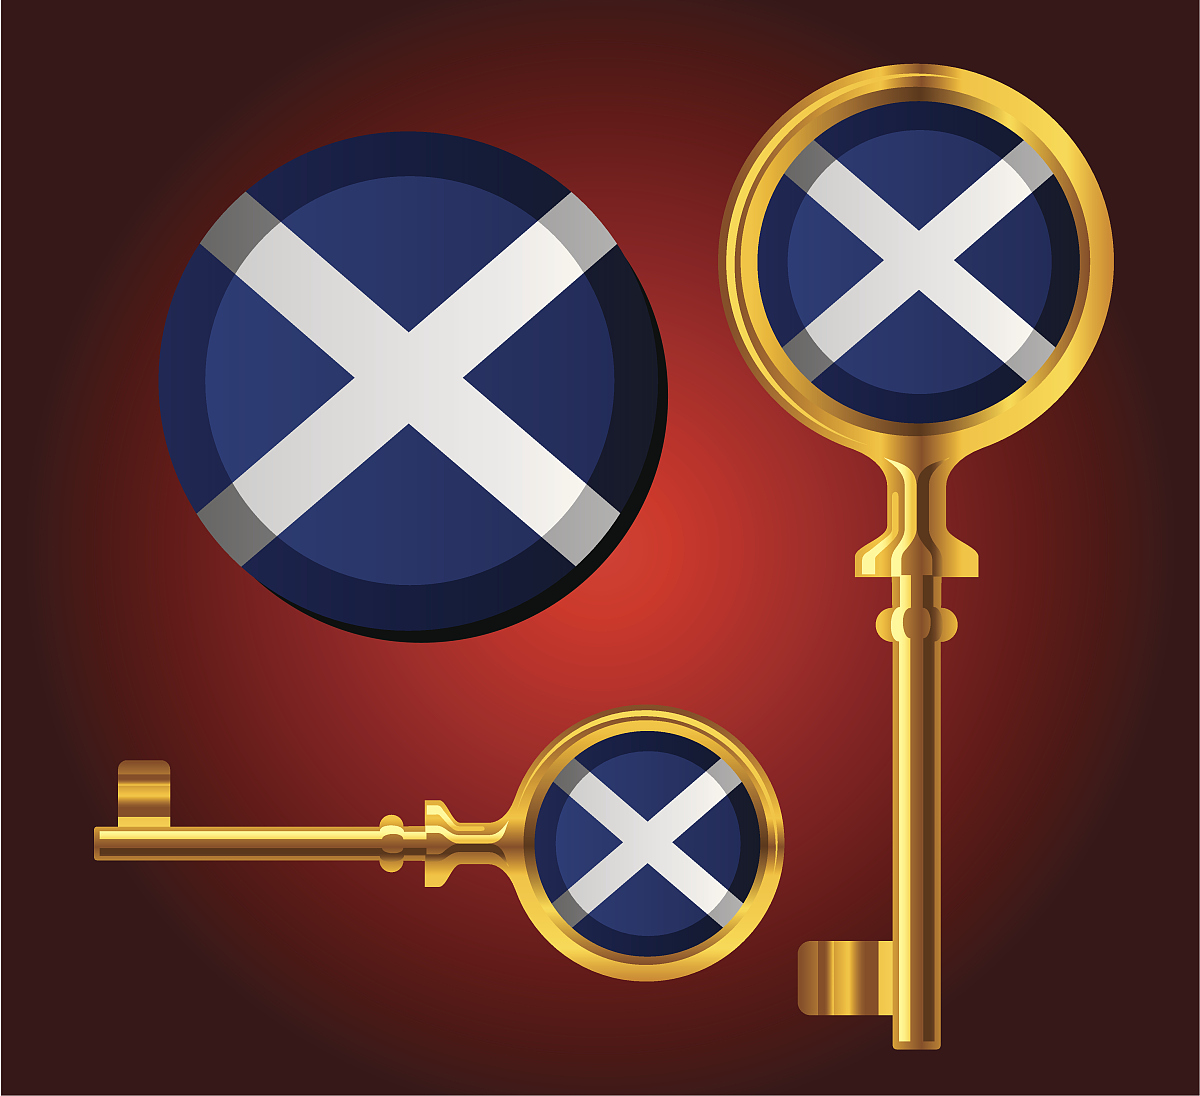 开��y�n�oe_国旗关键图标?苏格兰?